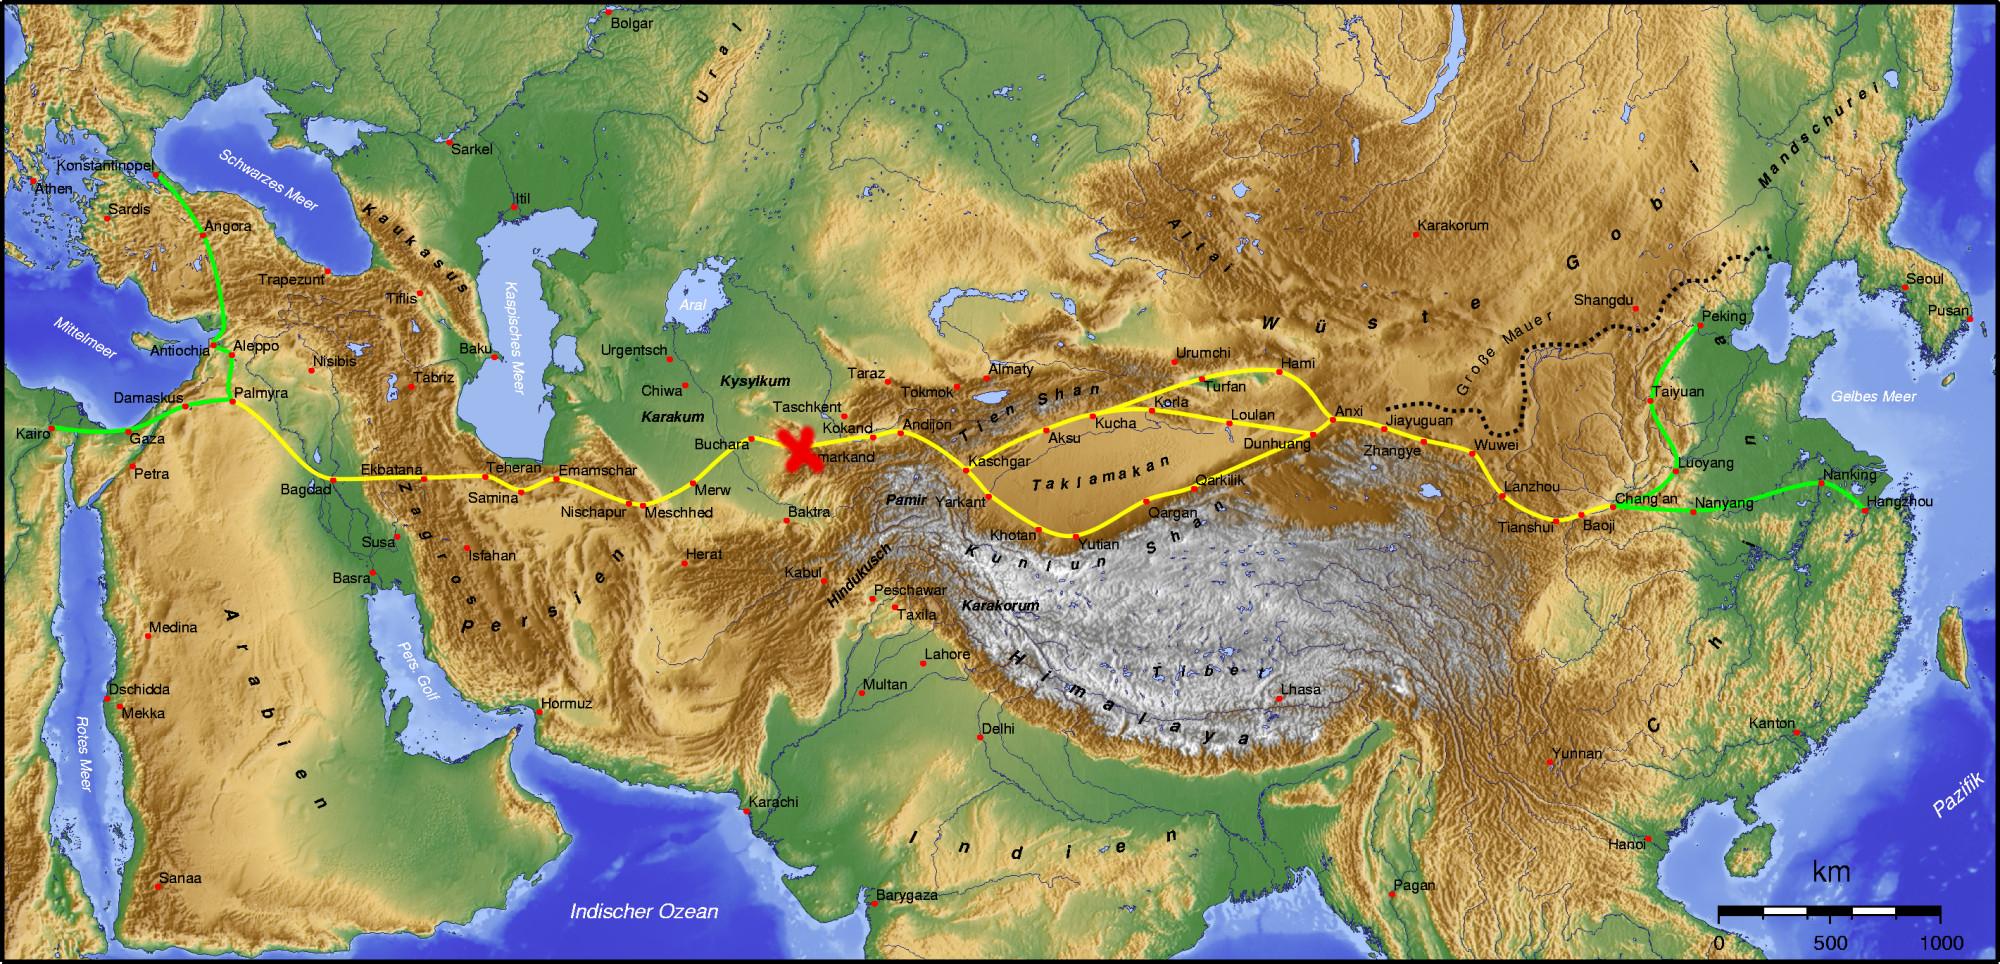 2000-Seidenstrasse_GMT-wiki-x